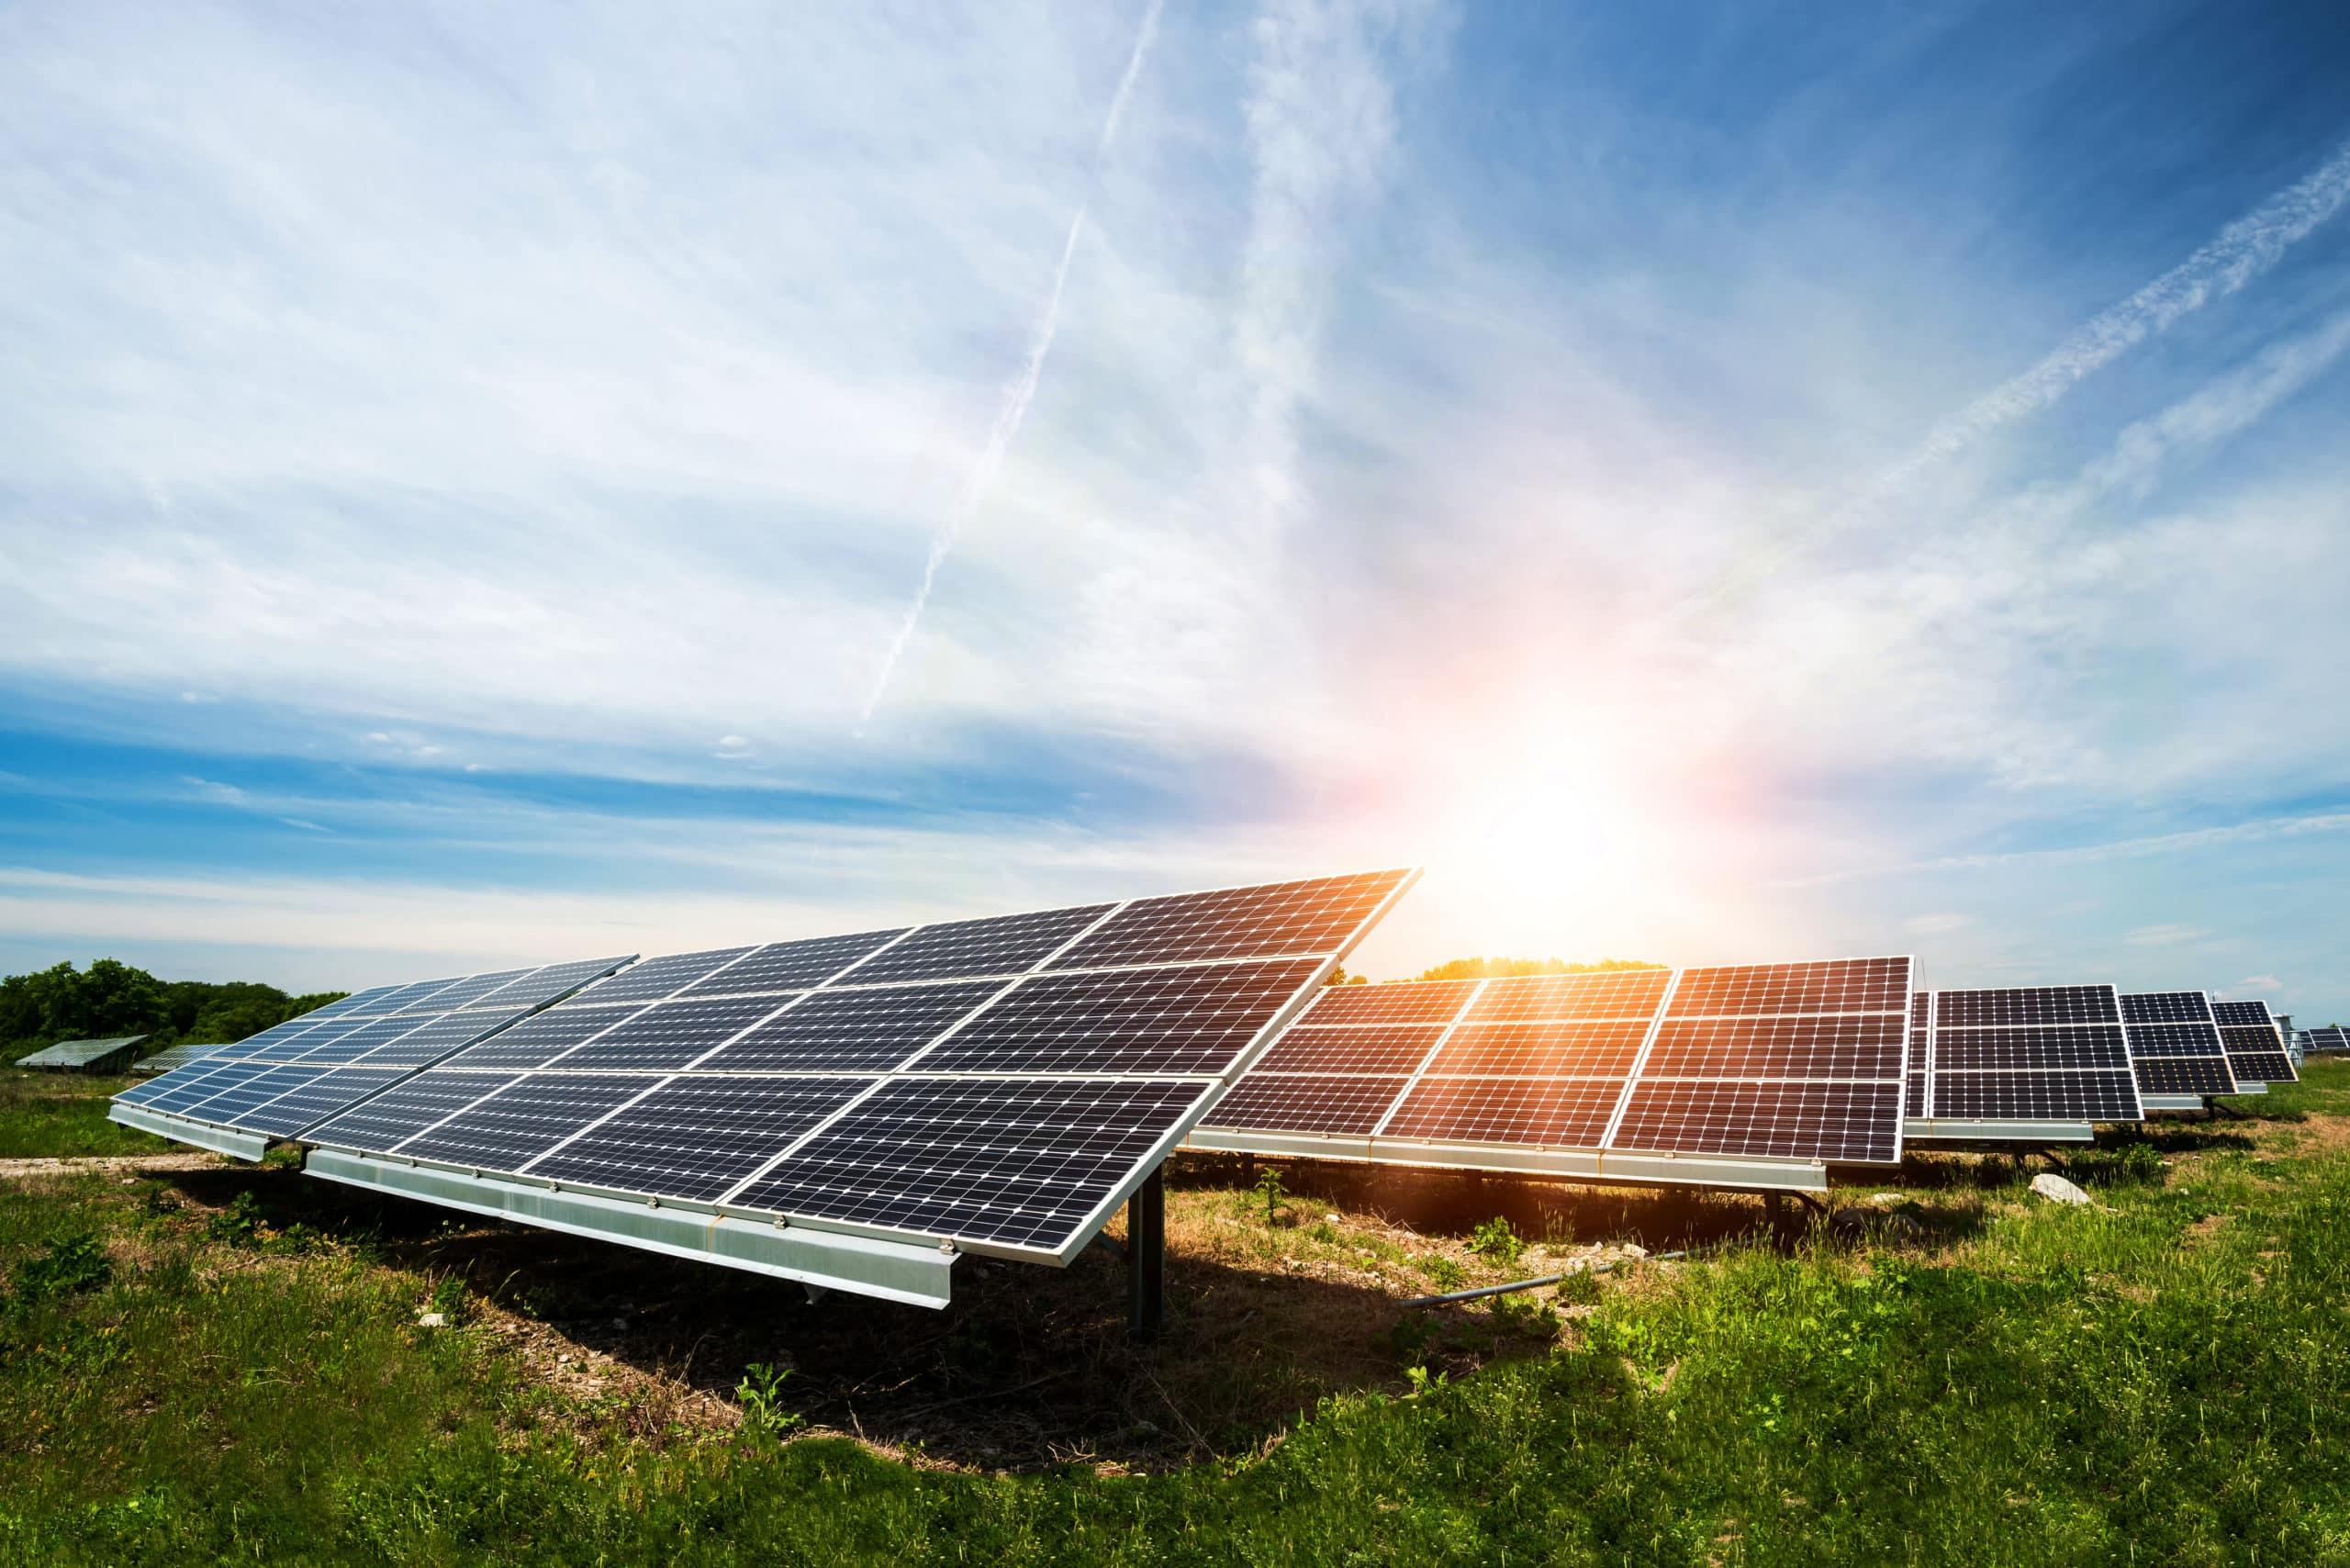 aufgestellte Solarpanel auf einer Wiese